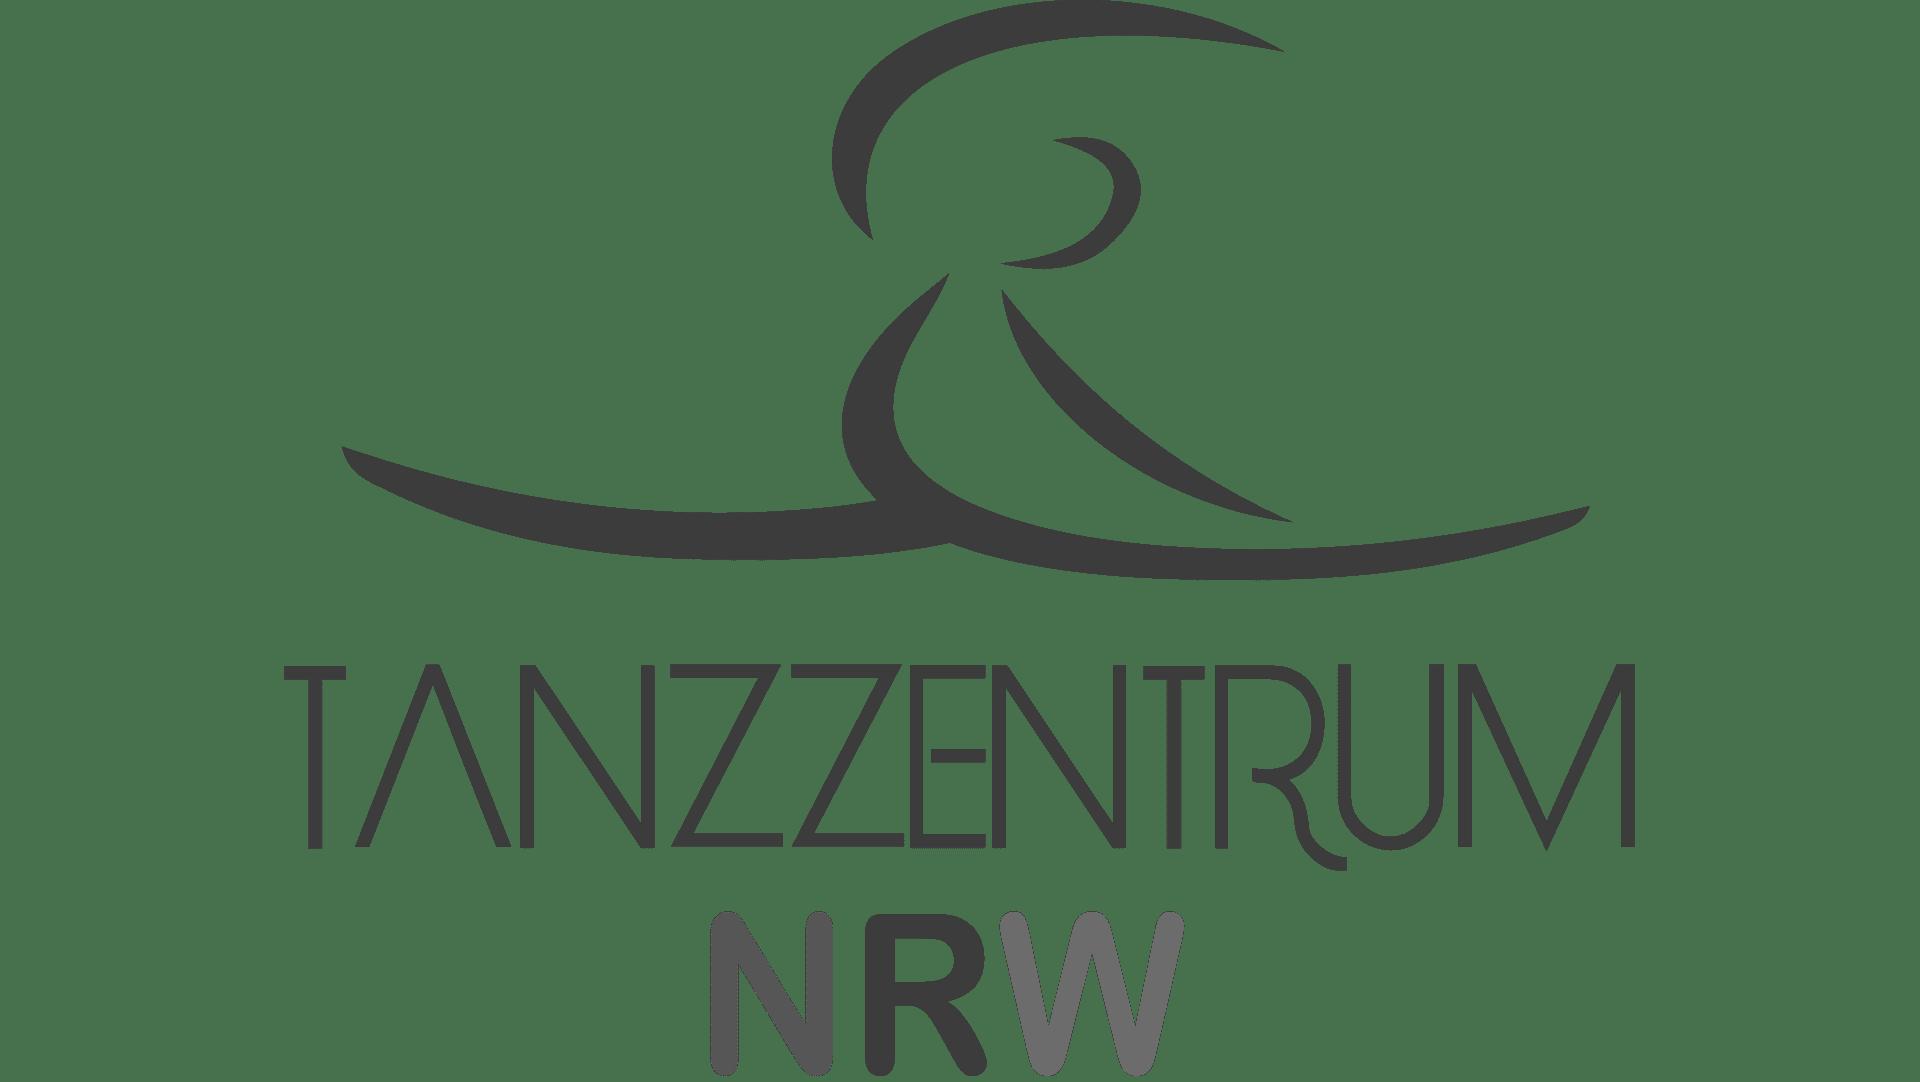 Tanzzentrum NRW